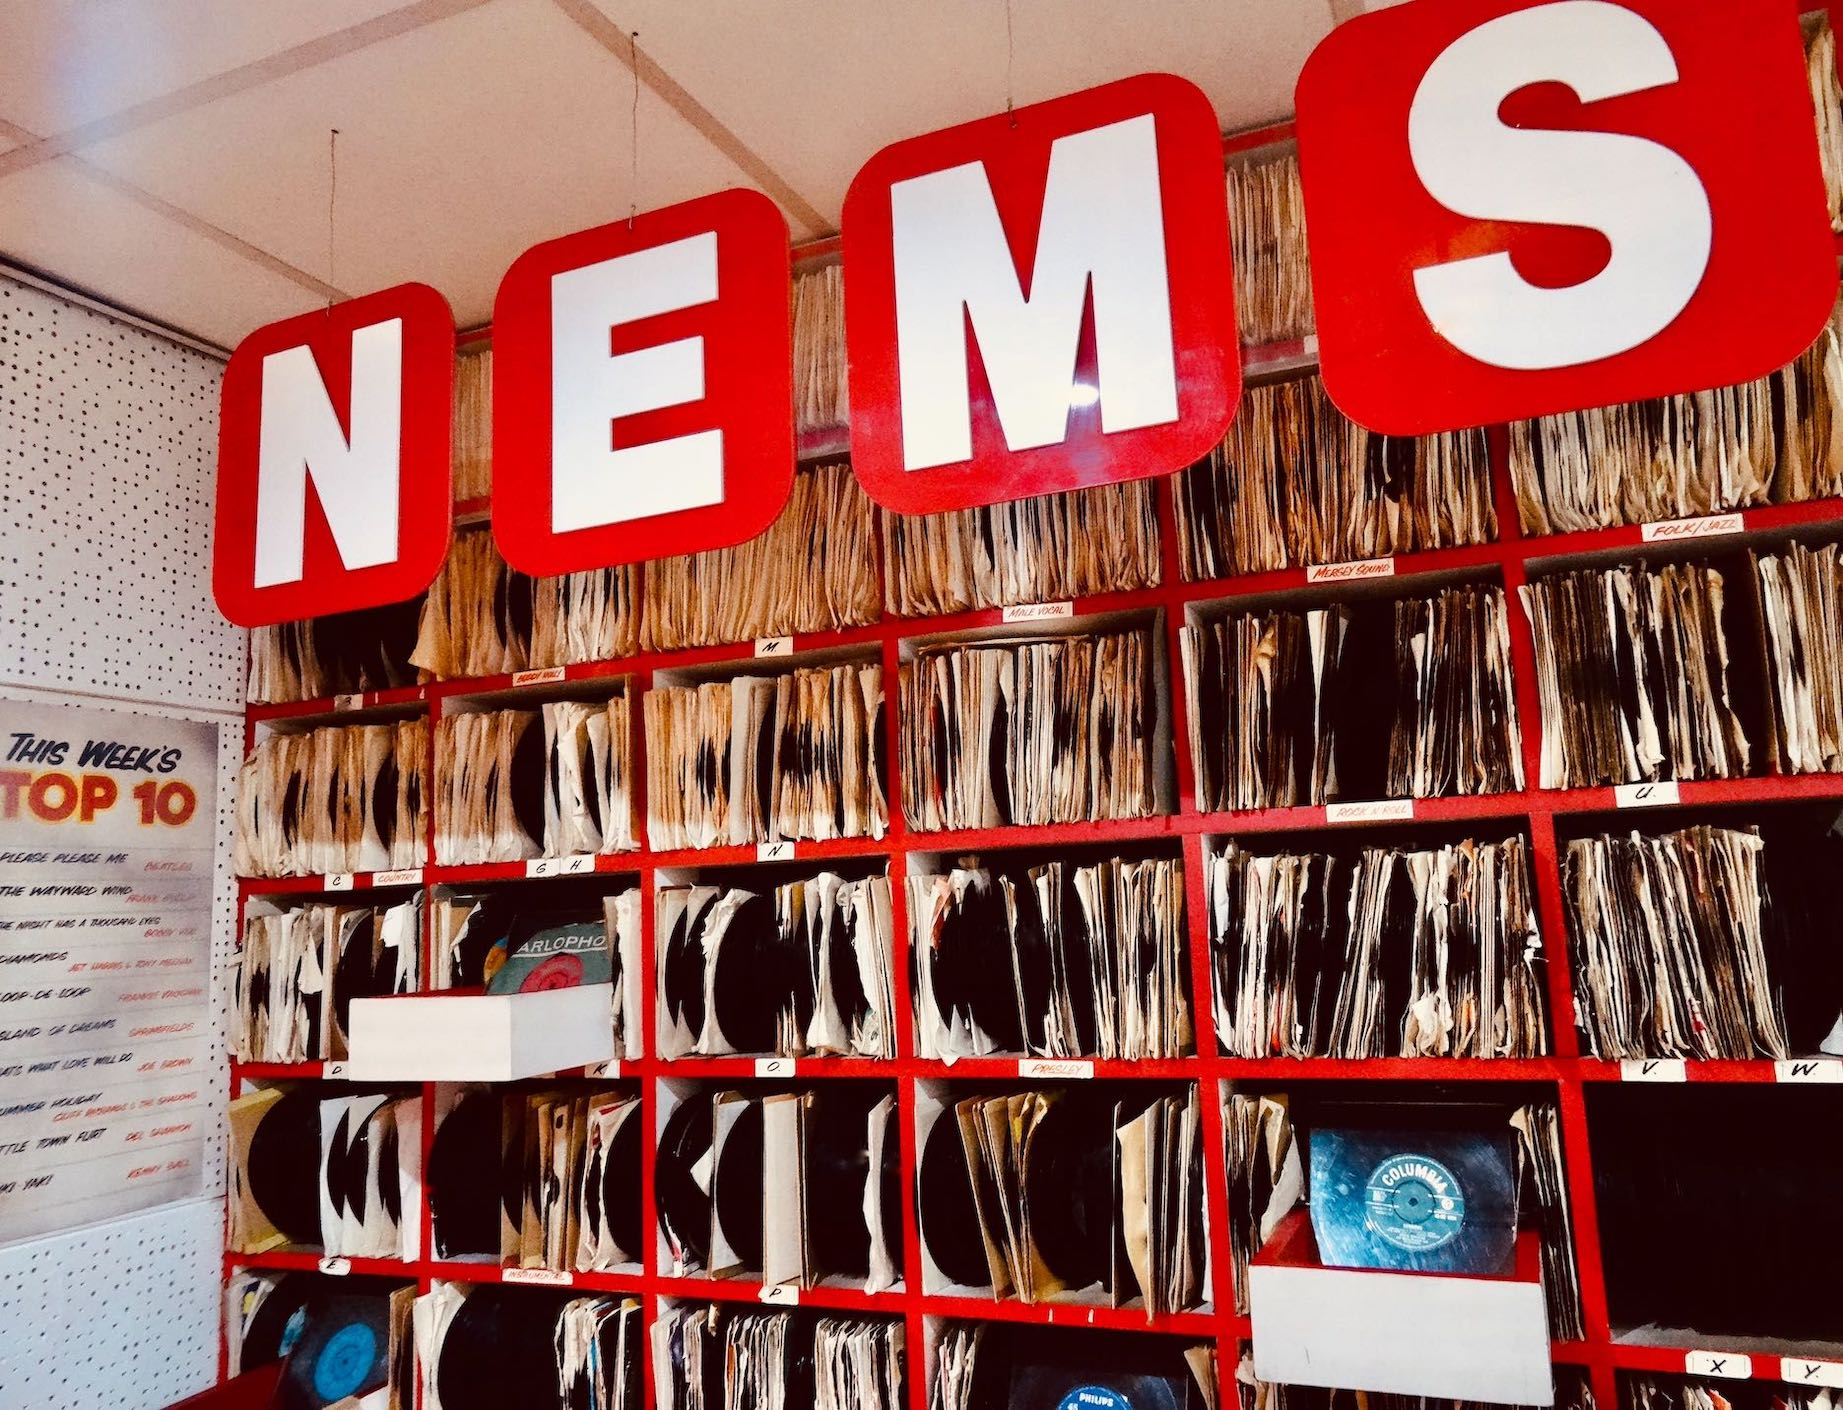 NEMS Record Store Liverpool 1960s